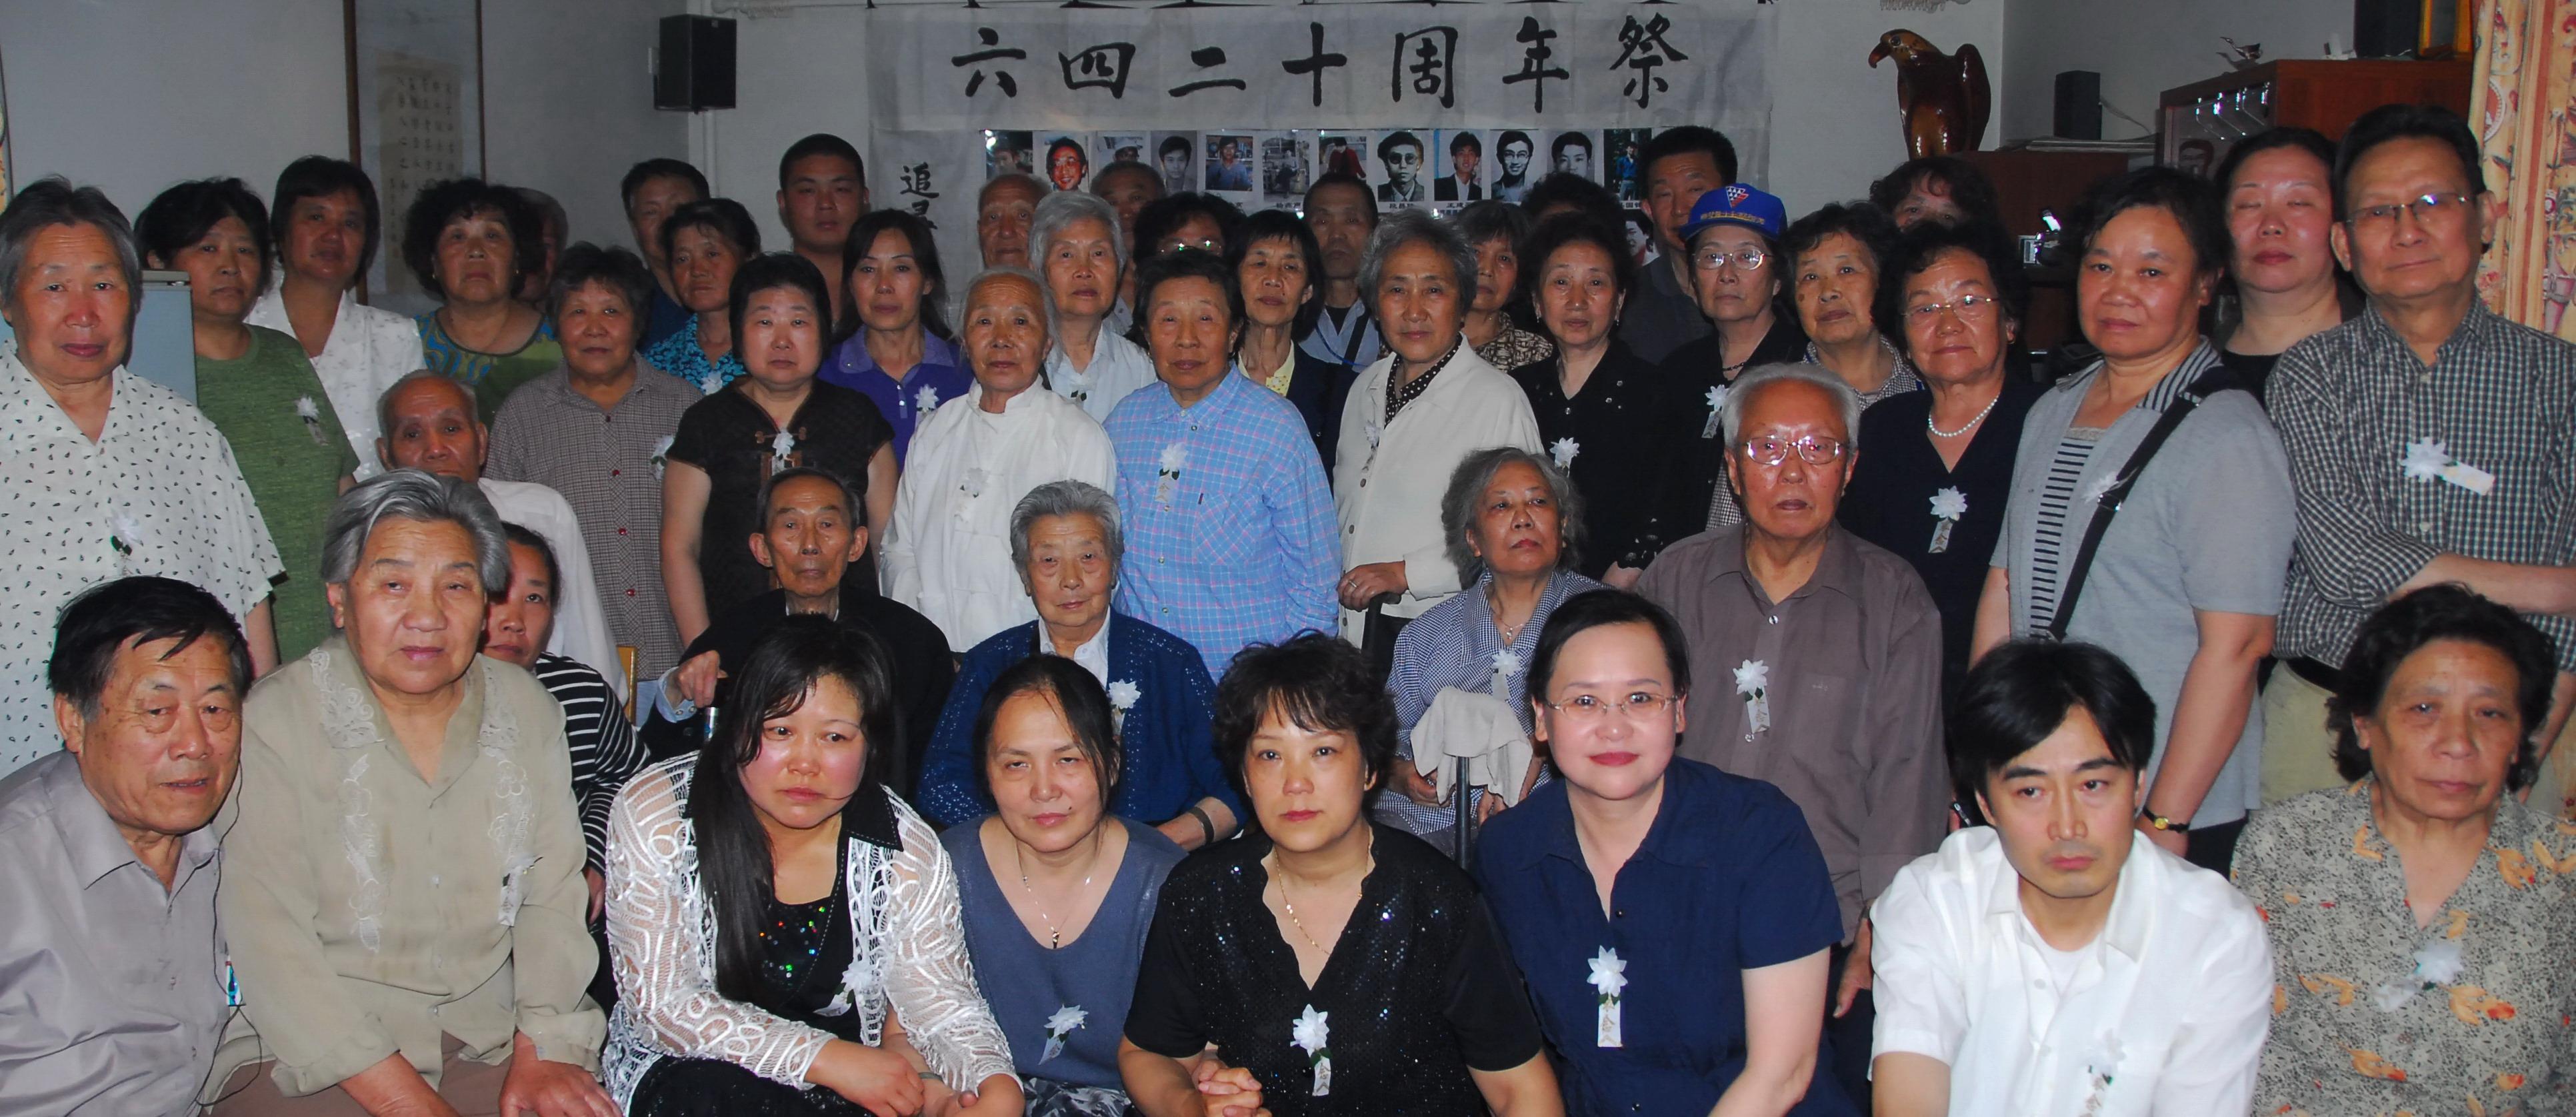 天安门母亲六四二十周年聚会群体照